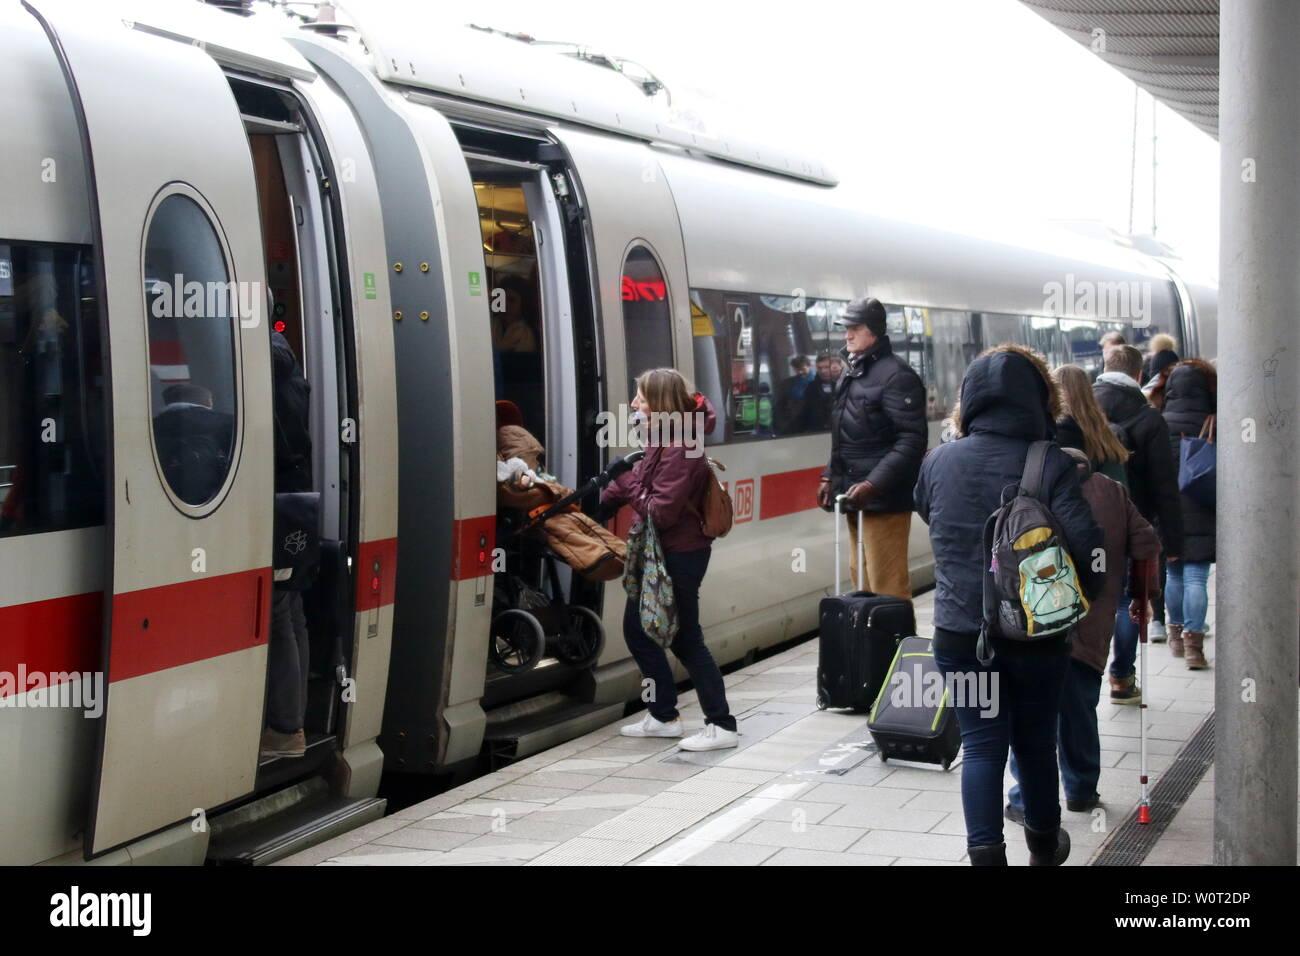 Reisende am Hauptbahnhof in Freiburg im Breisgau, eine Frau schiebt einen Kinderwagen vom Bahnsteig in den ICE-Zug Stock Photo